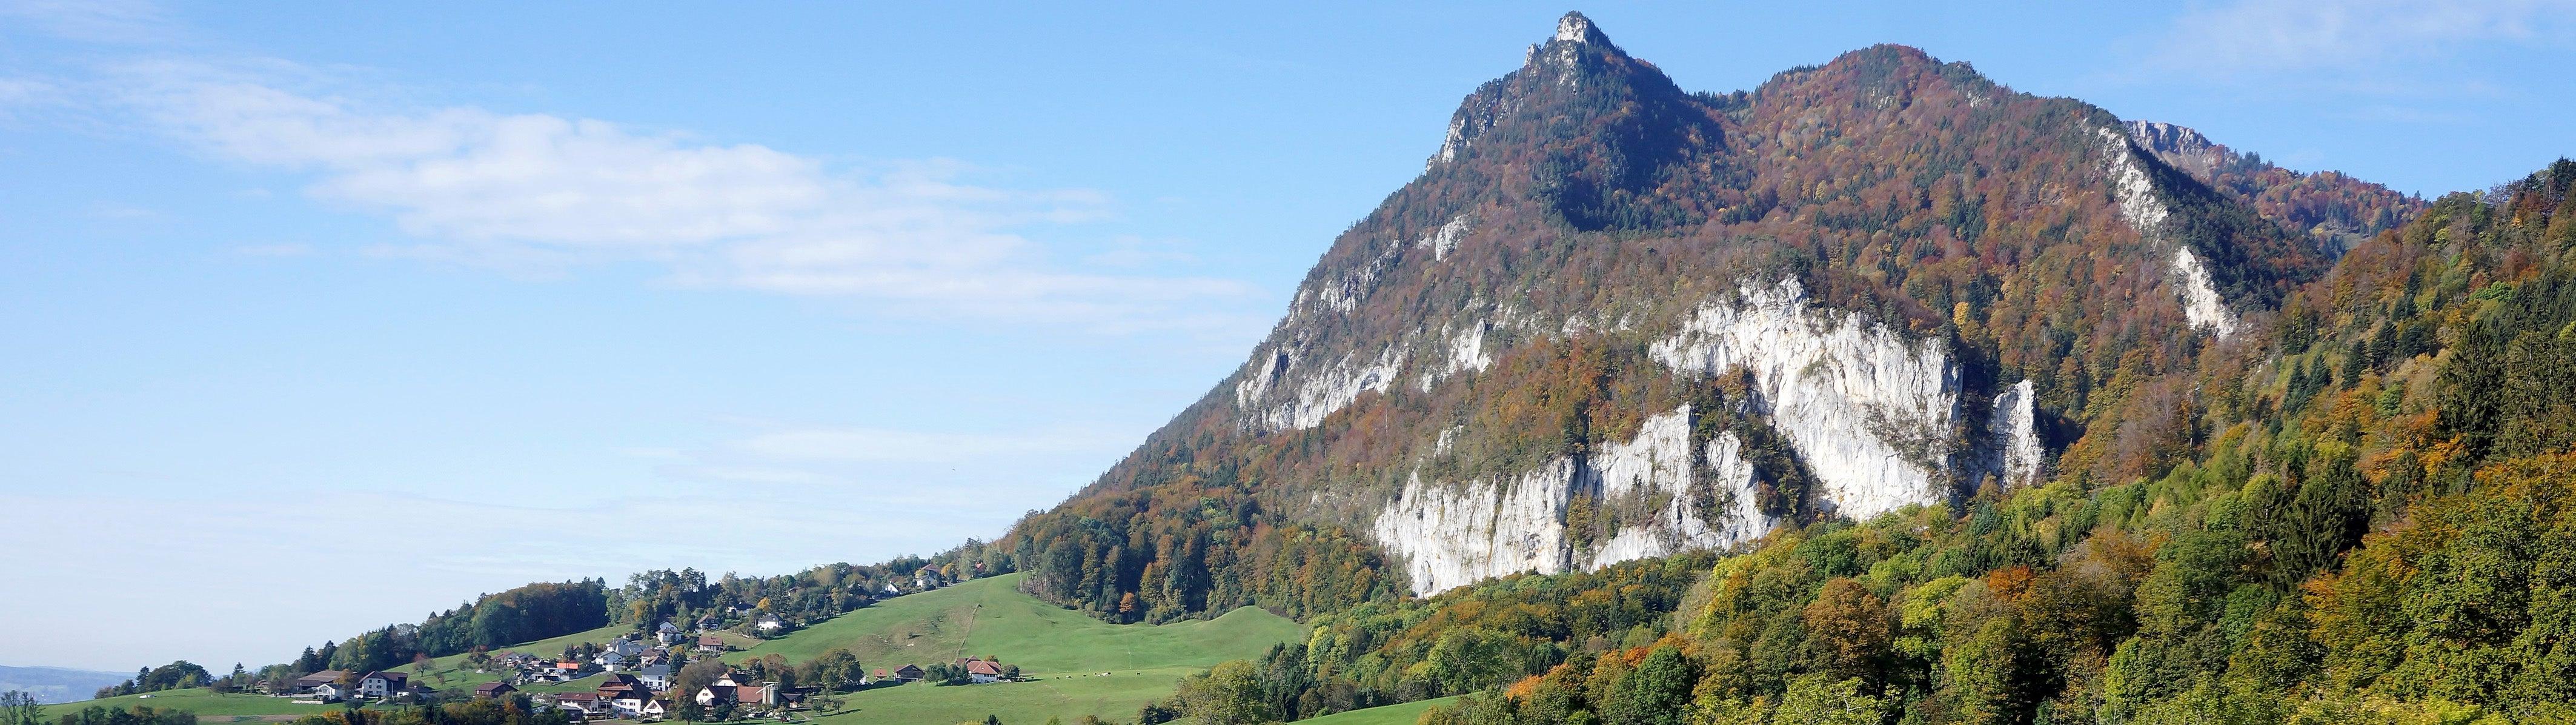 Balm bei Günsberg